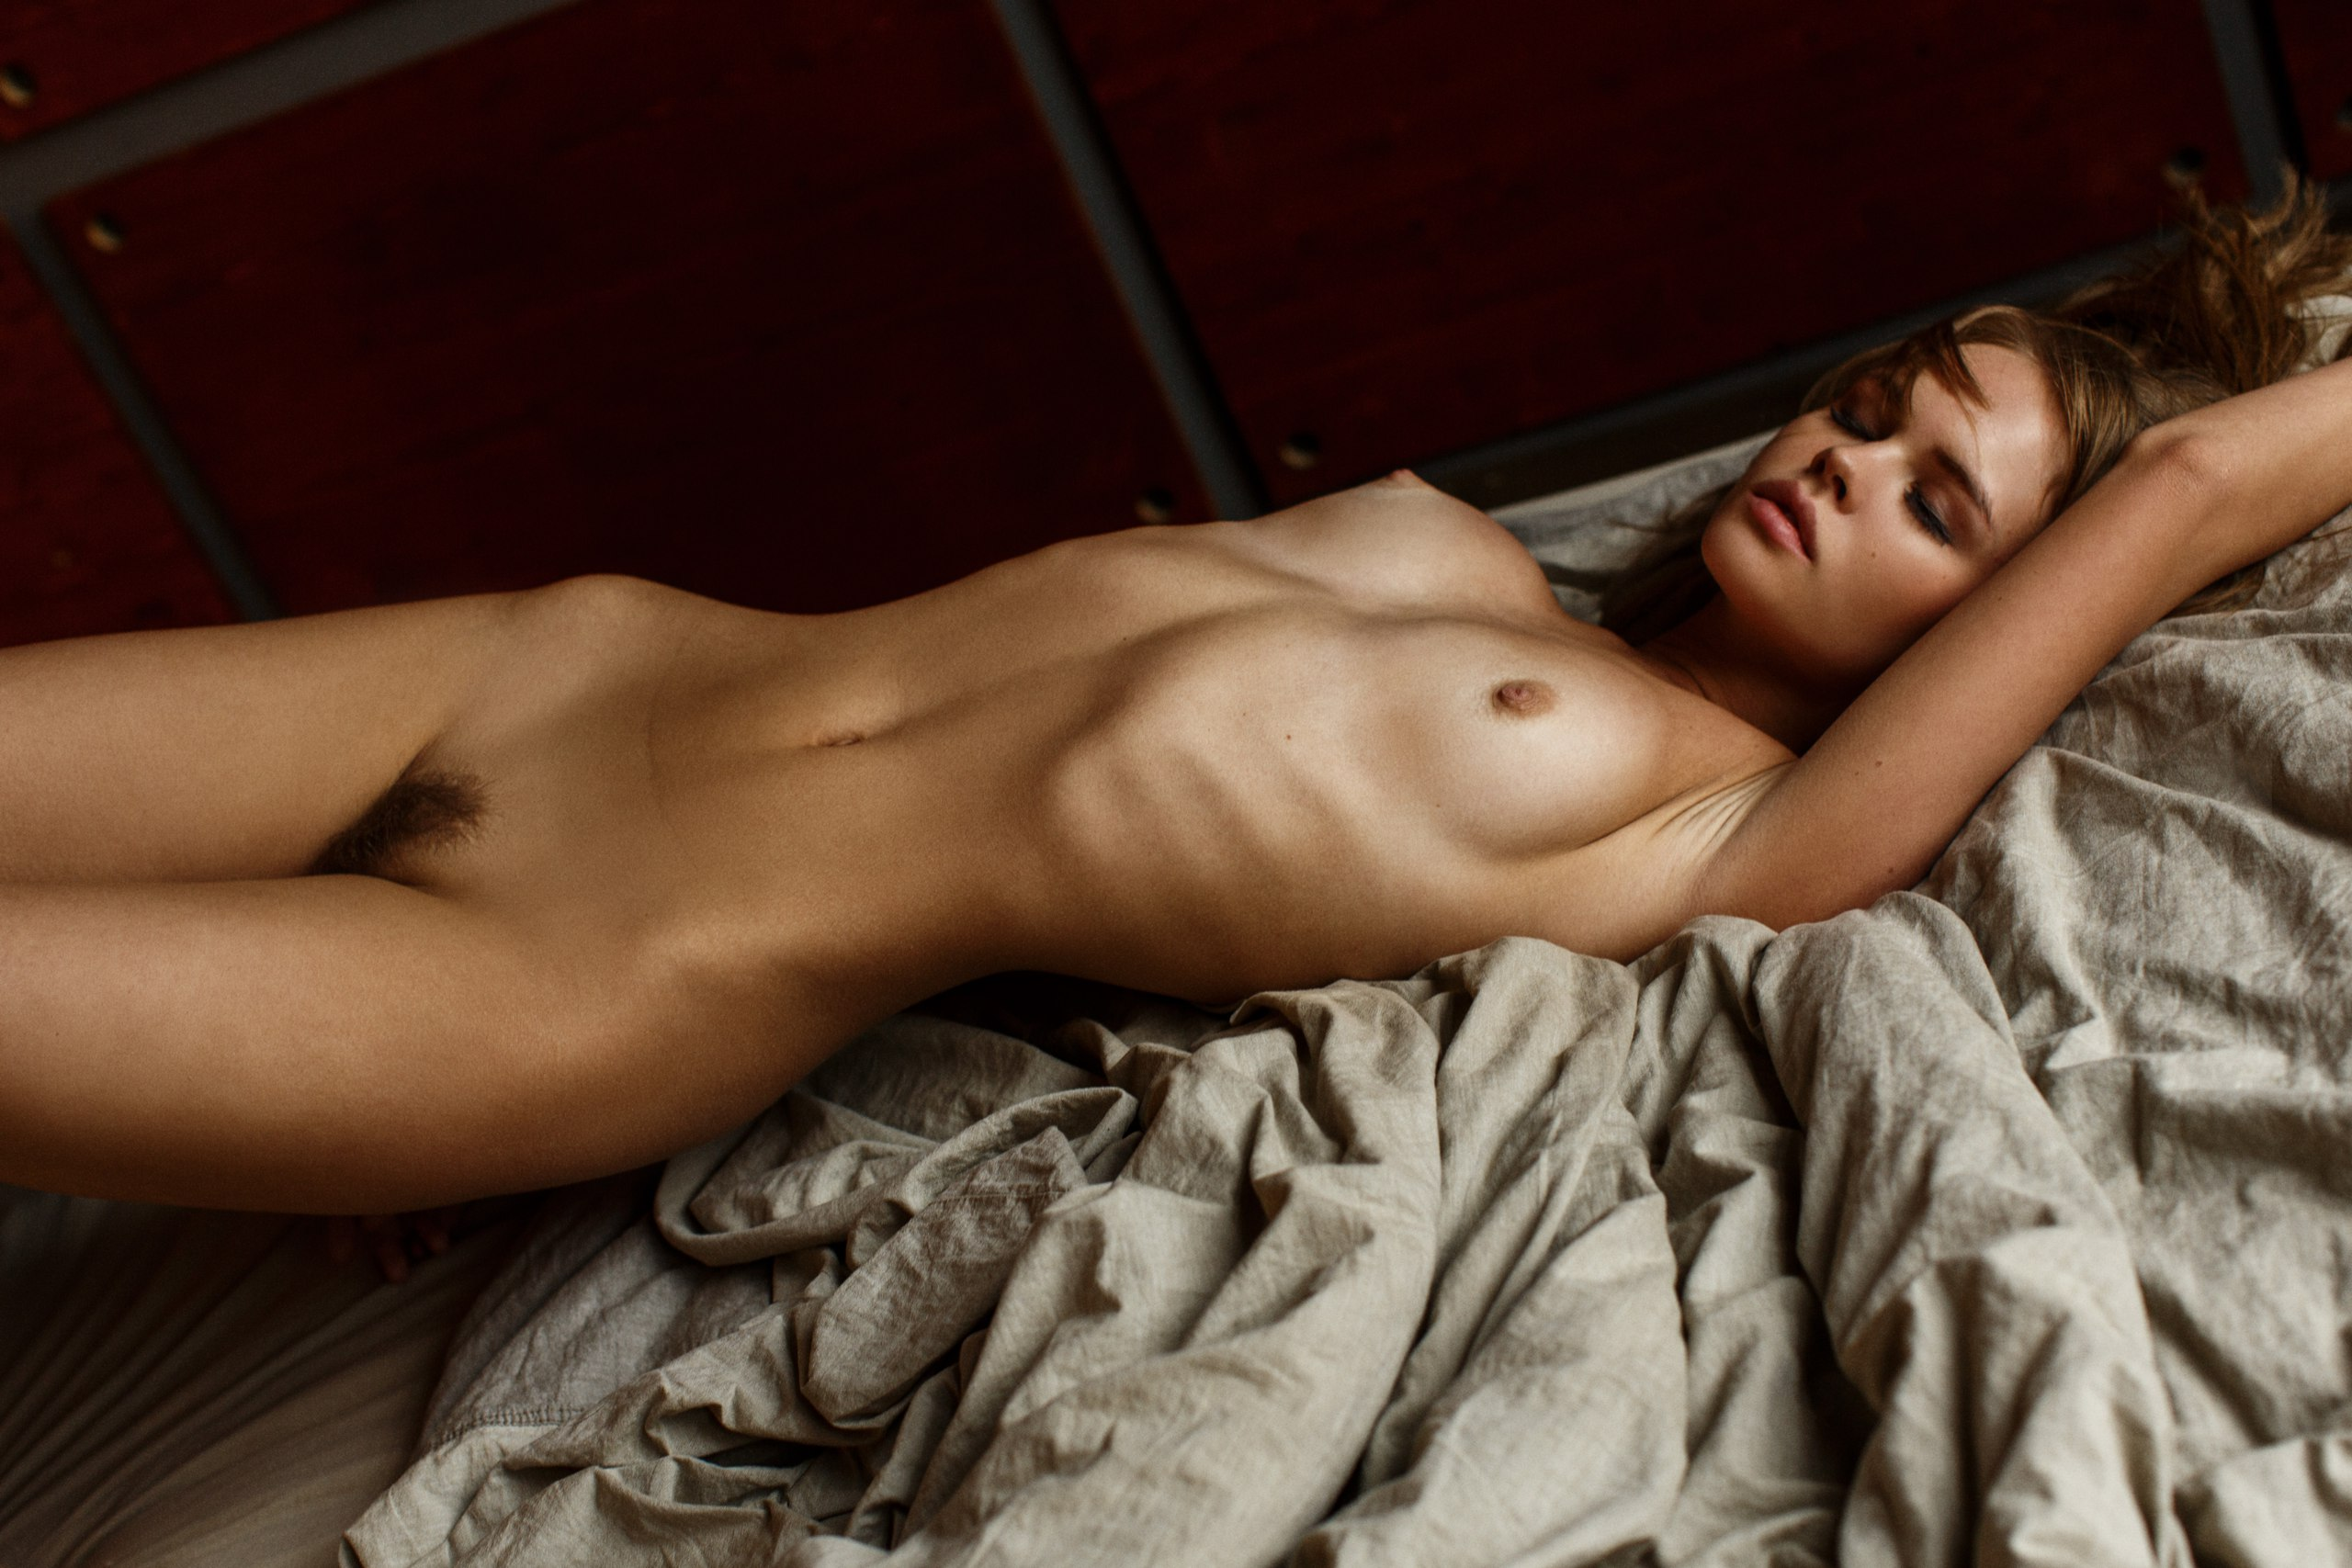 фотографии эротической фотомодели анастасии петровой